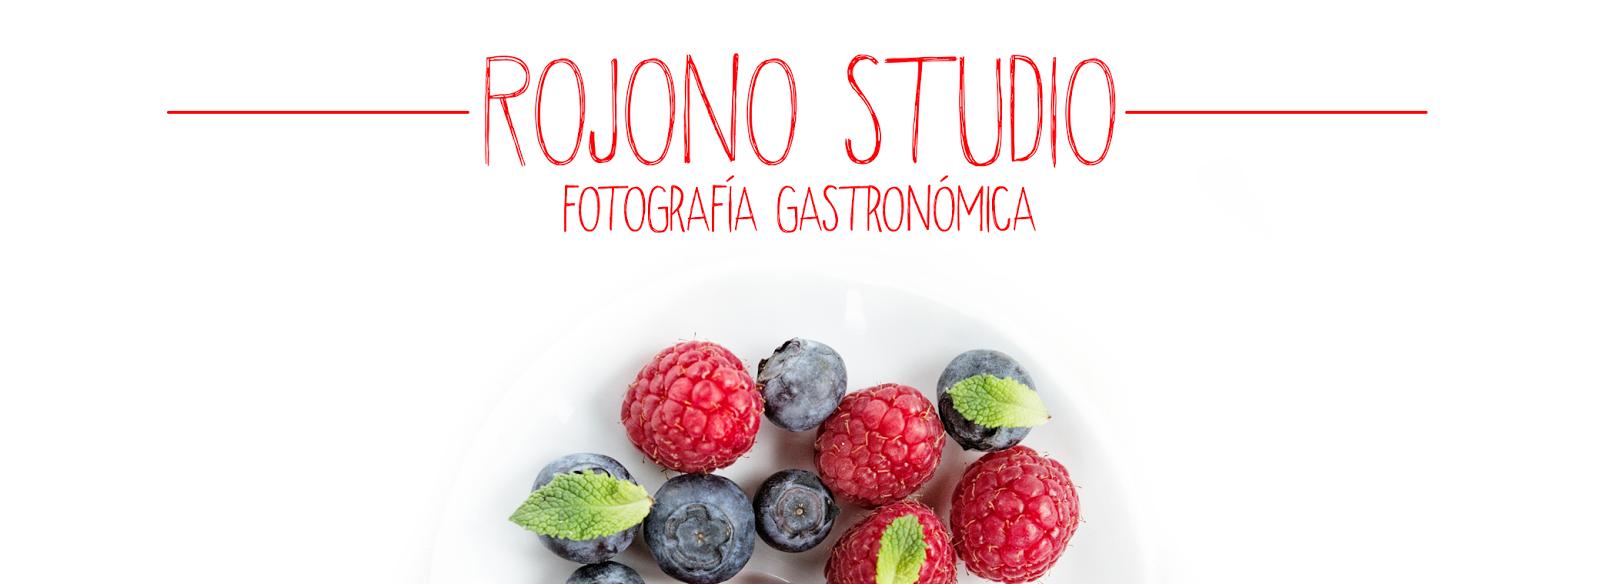 ROMAN JOGLAR NOA fotógrafo especializado en gastronomía y producto